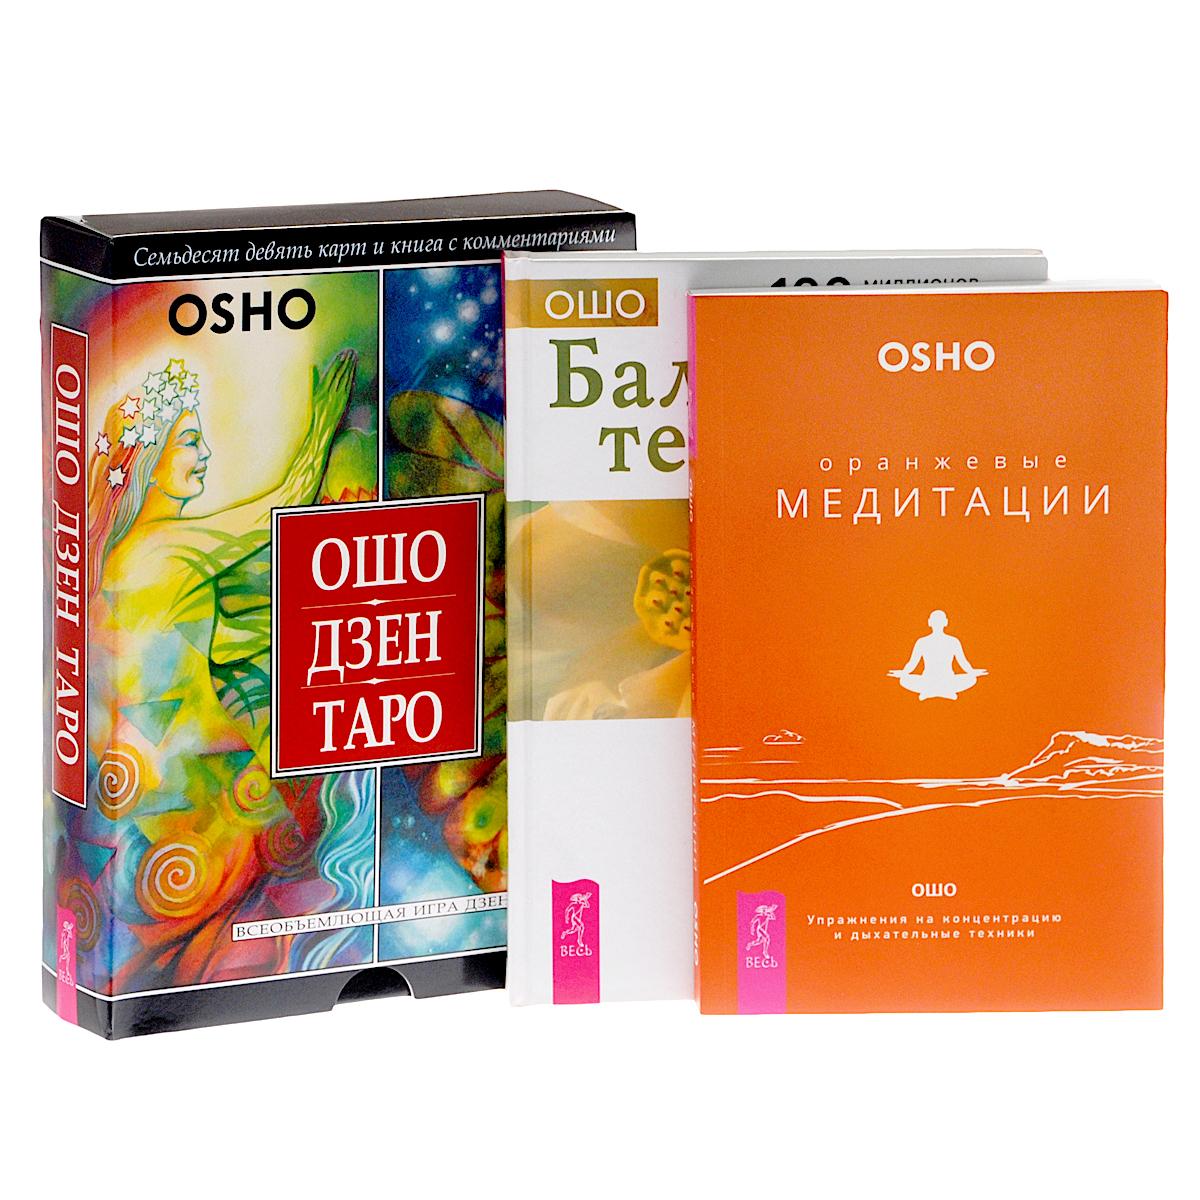 Раджниш Ошо Ошо Дзен Таро. Баланс тела-ума. Оранжевые медитации (комплект из 3 книг + 79 карт + CD)